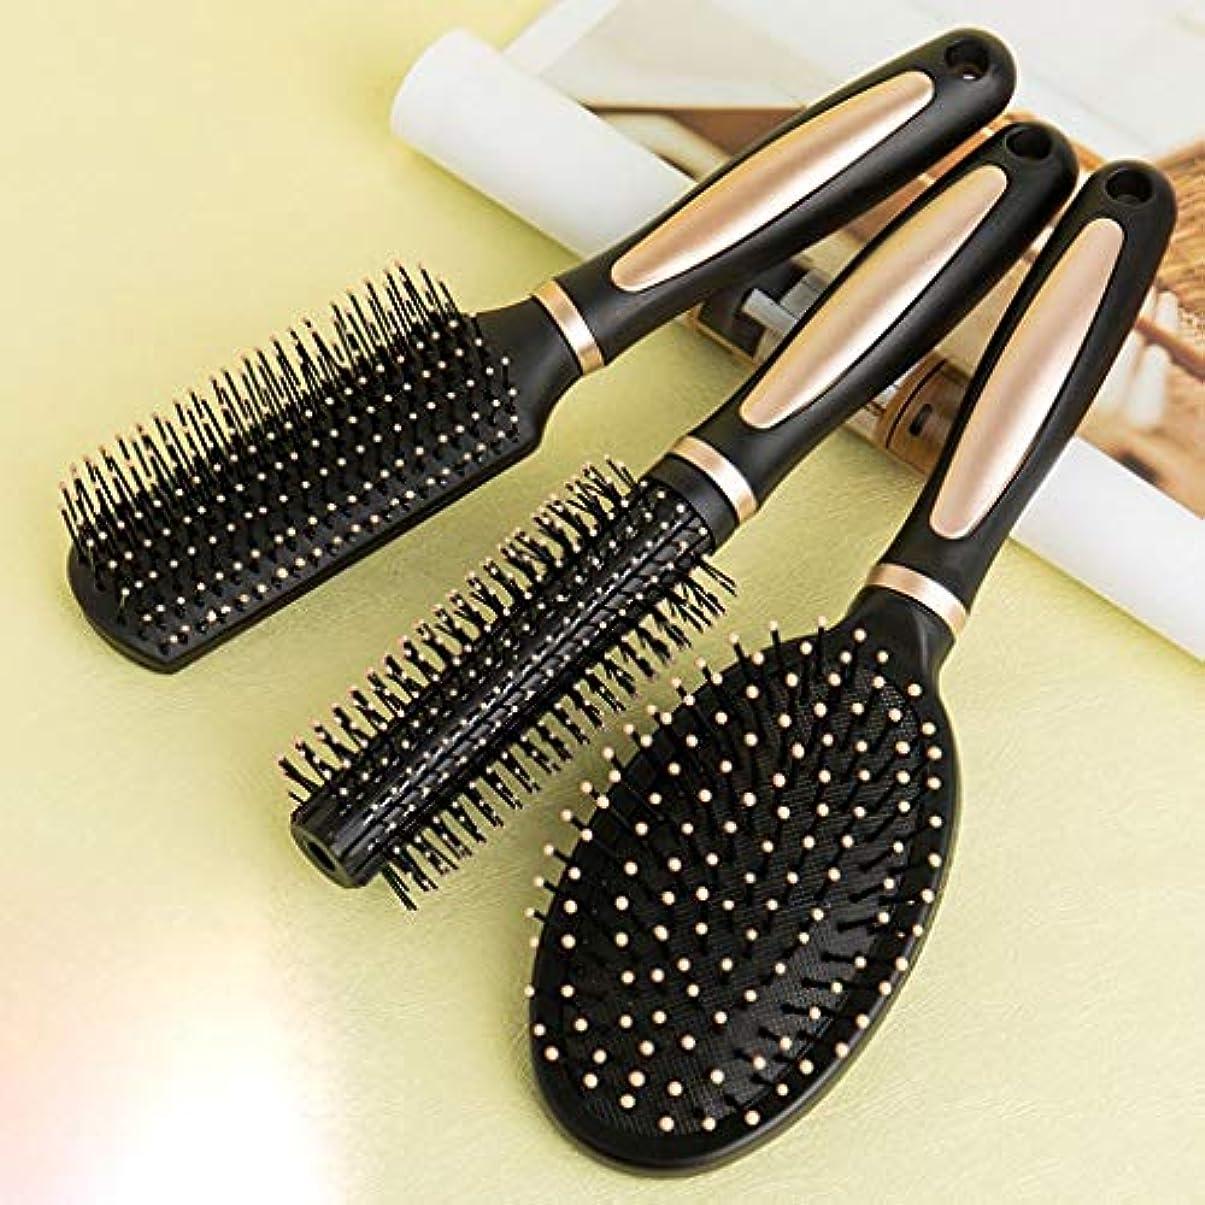 できない識別推定する男性と女性エアバッグマッサージくし、ヘアくしセットロングヘアの旅と家庭のための抗静的なカール形状 (Size : Hair comb 3 piece set)